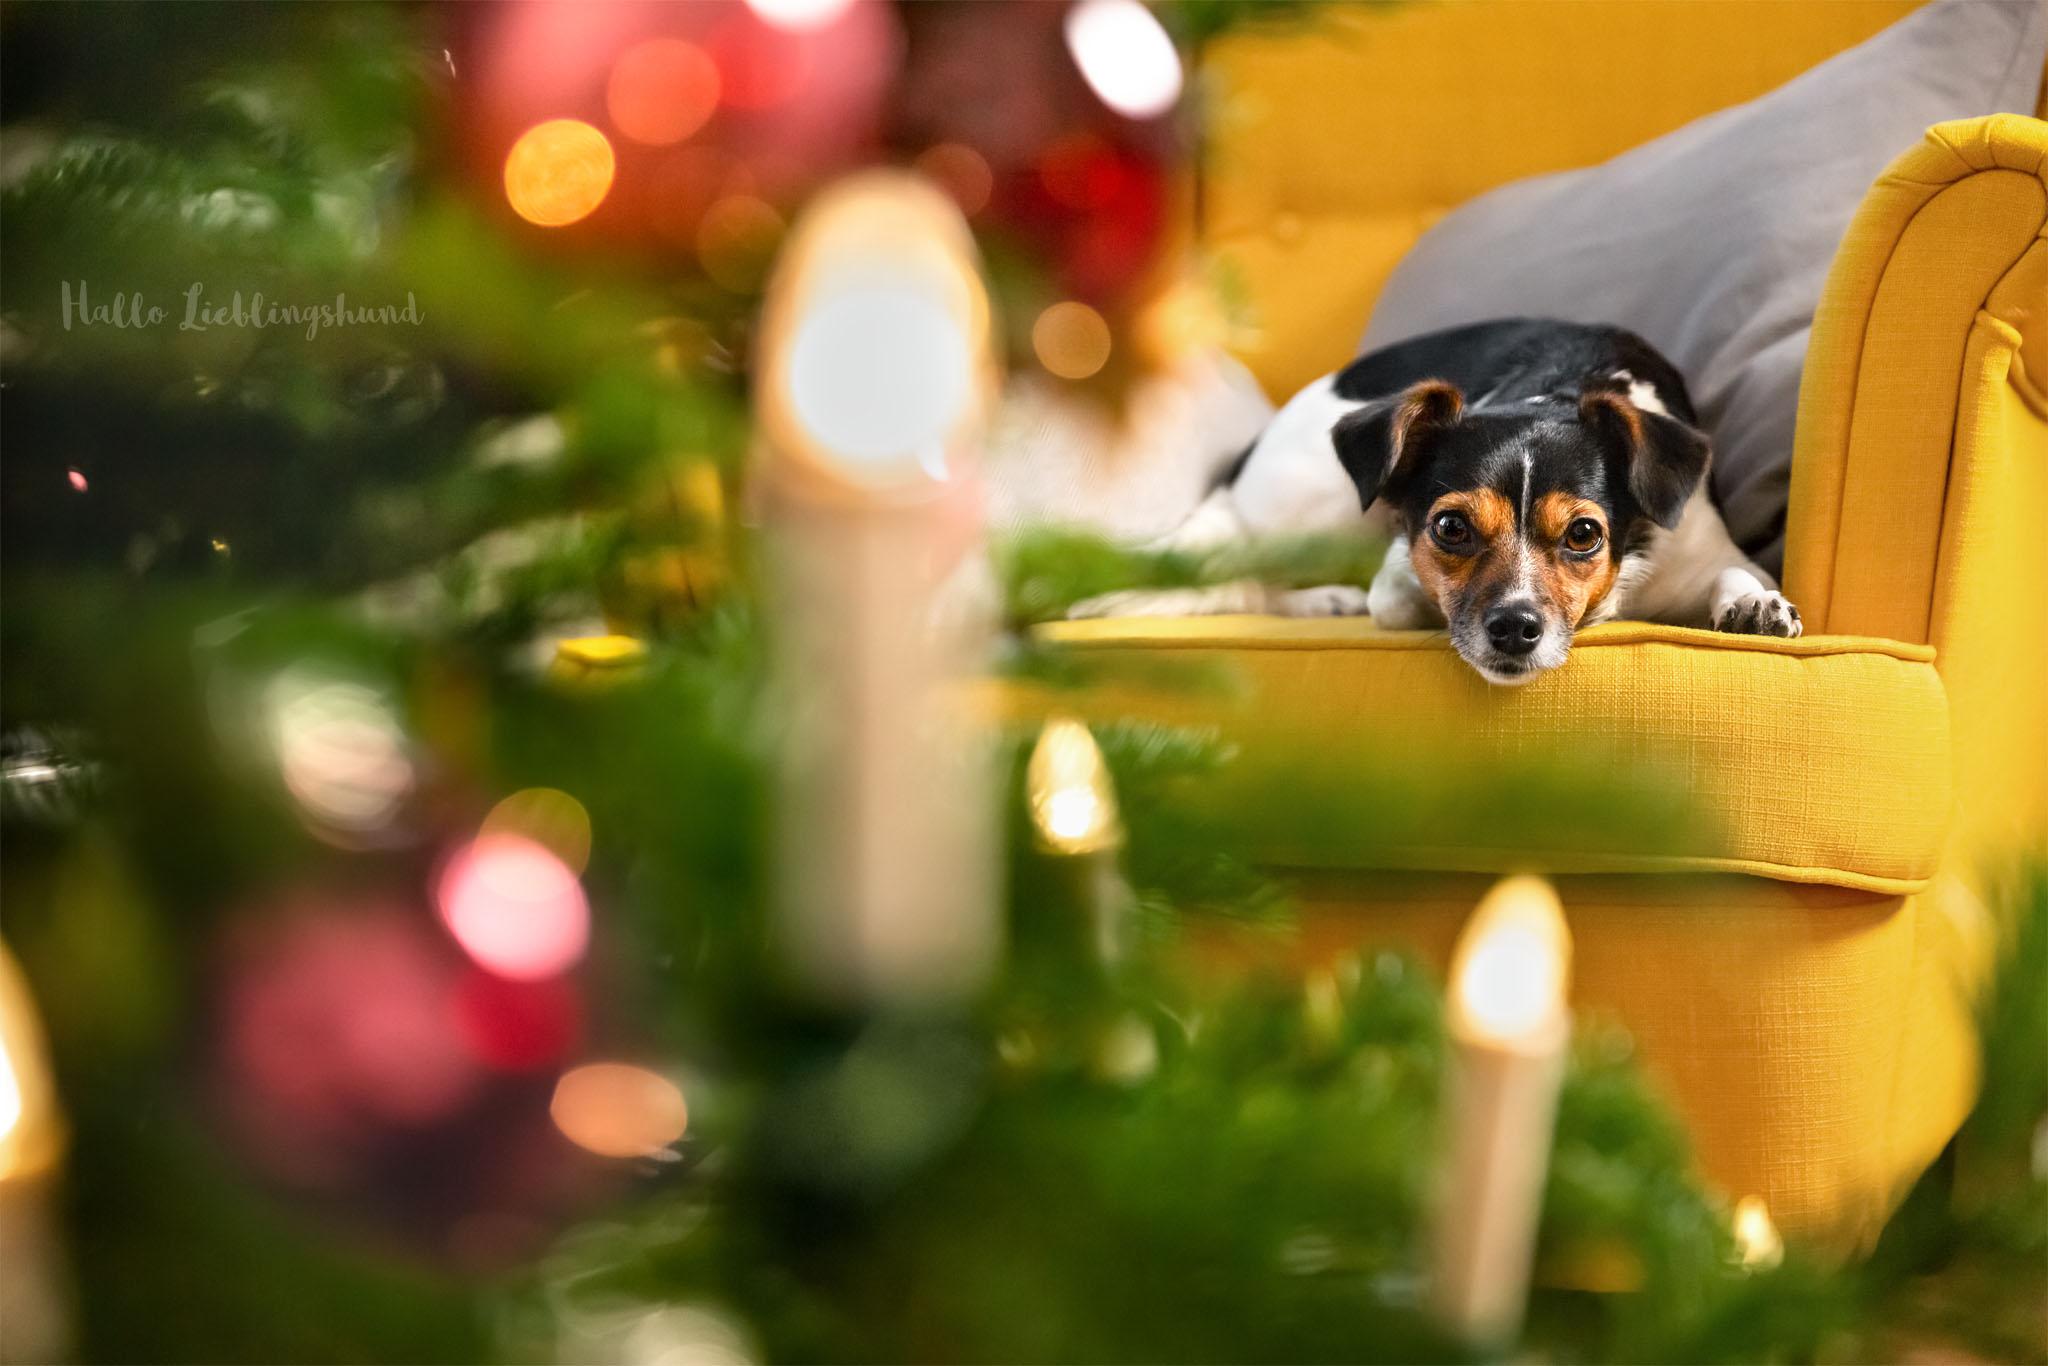 Idee für Weihnachtsfotos mit Hund - Fotos mit Weihnachtsbaum